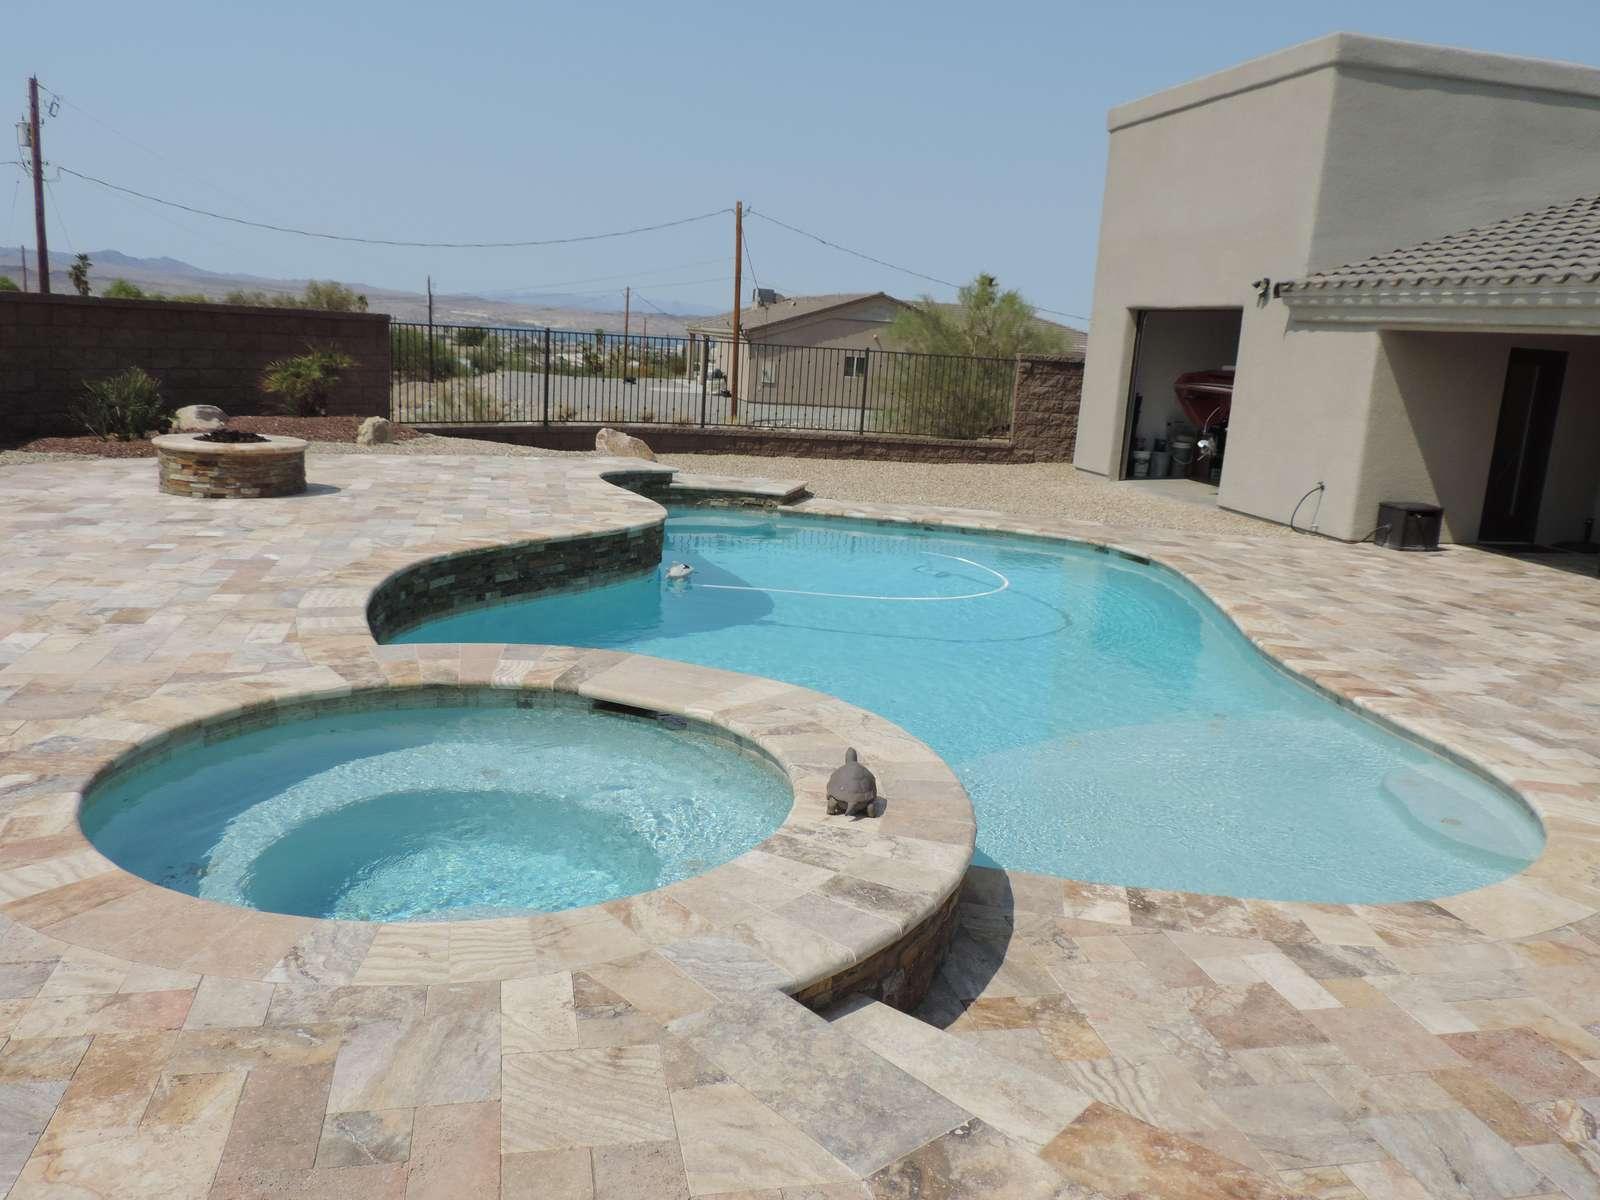 Masterfully designed backyard